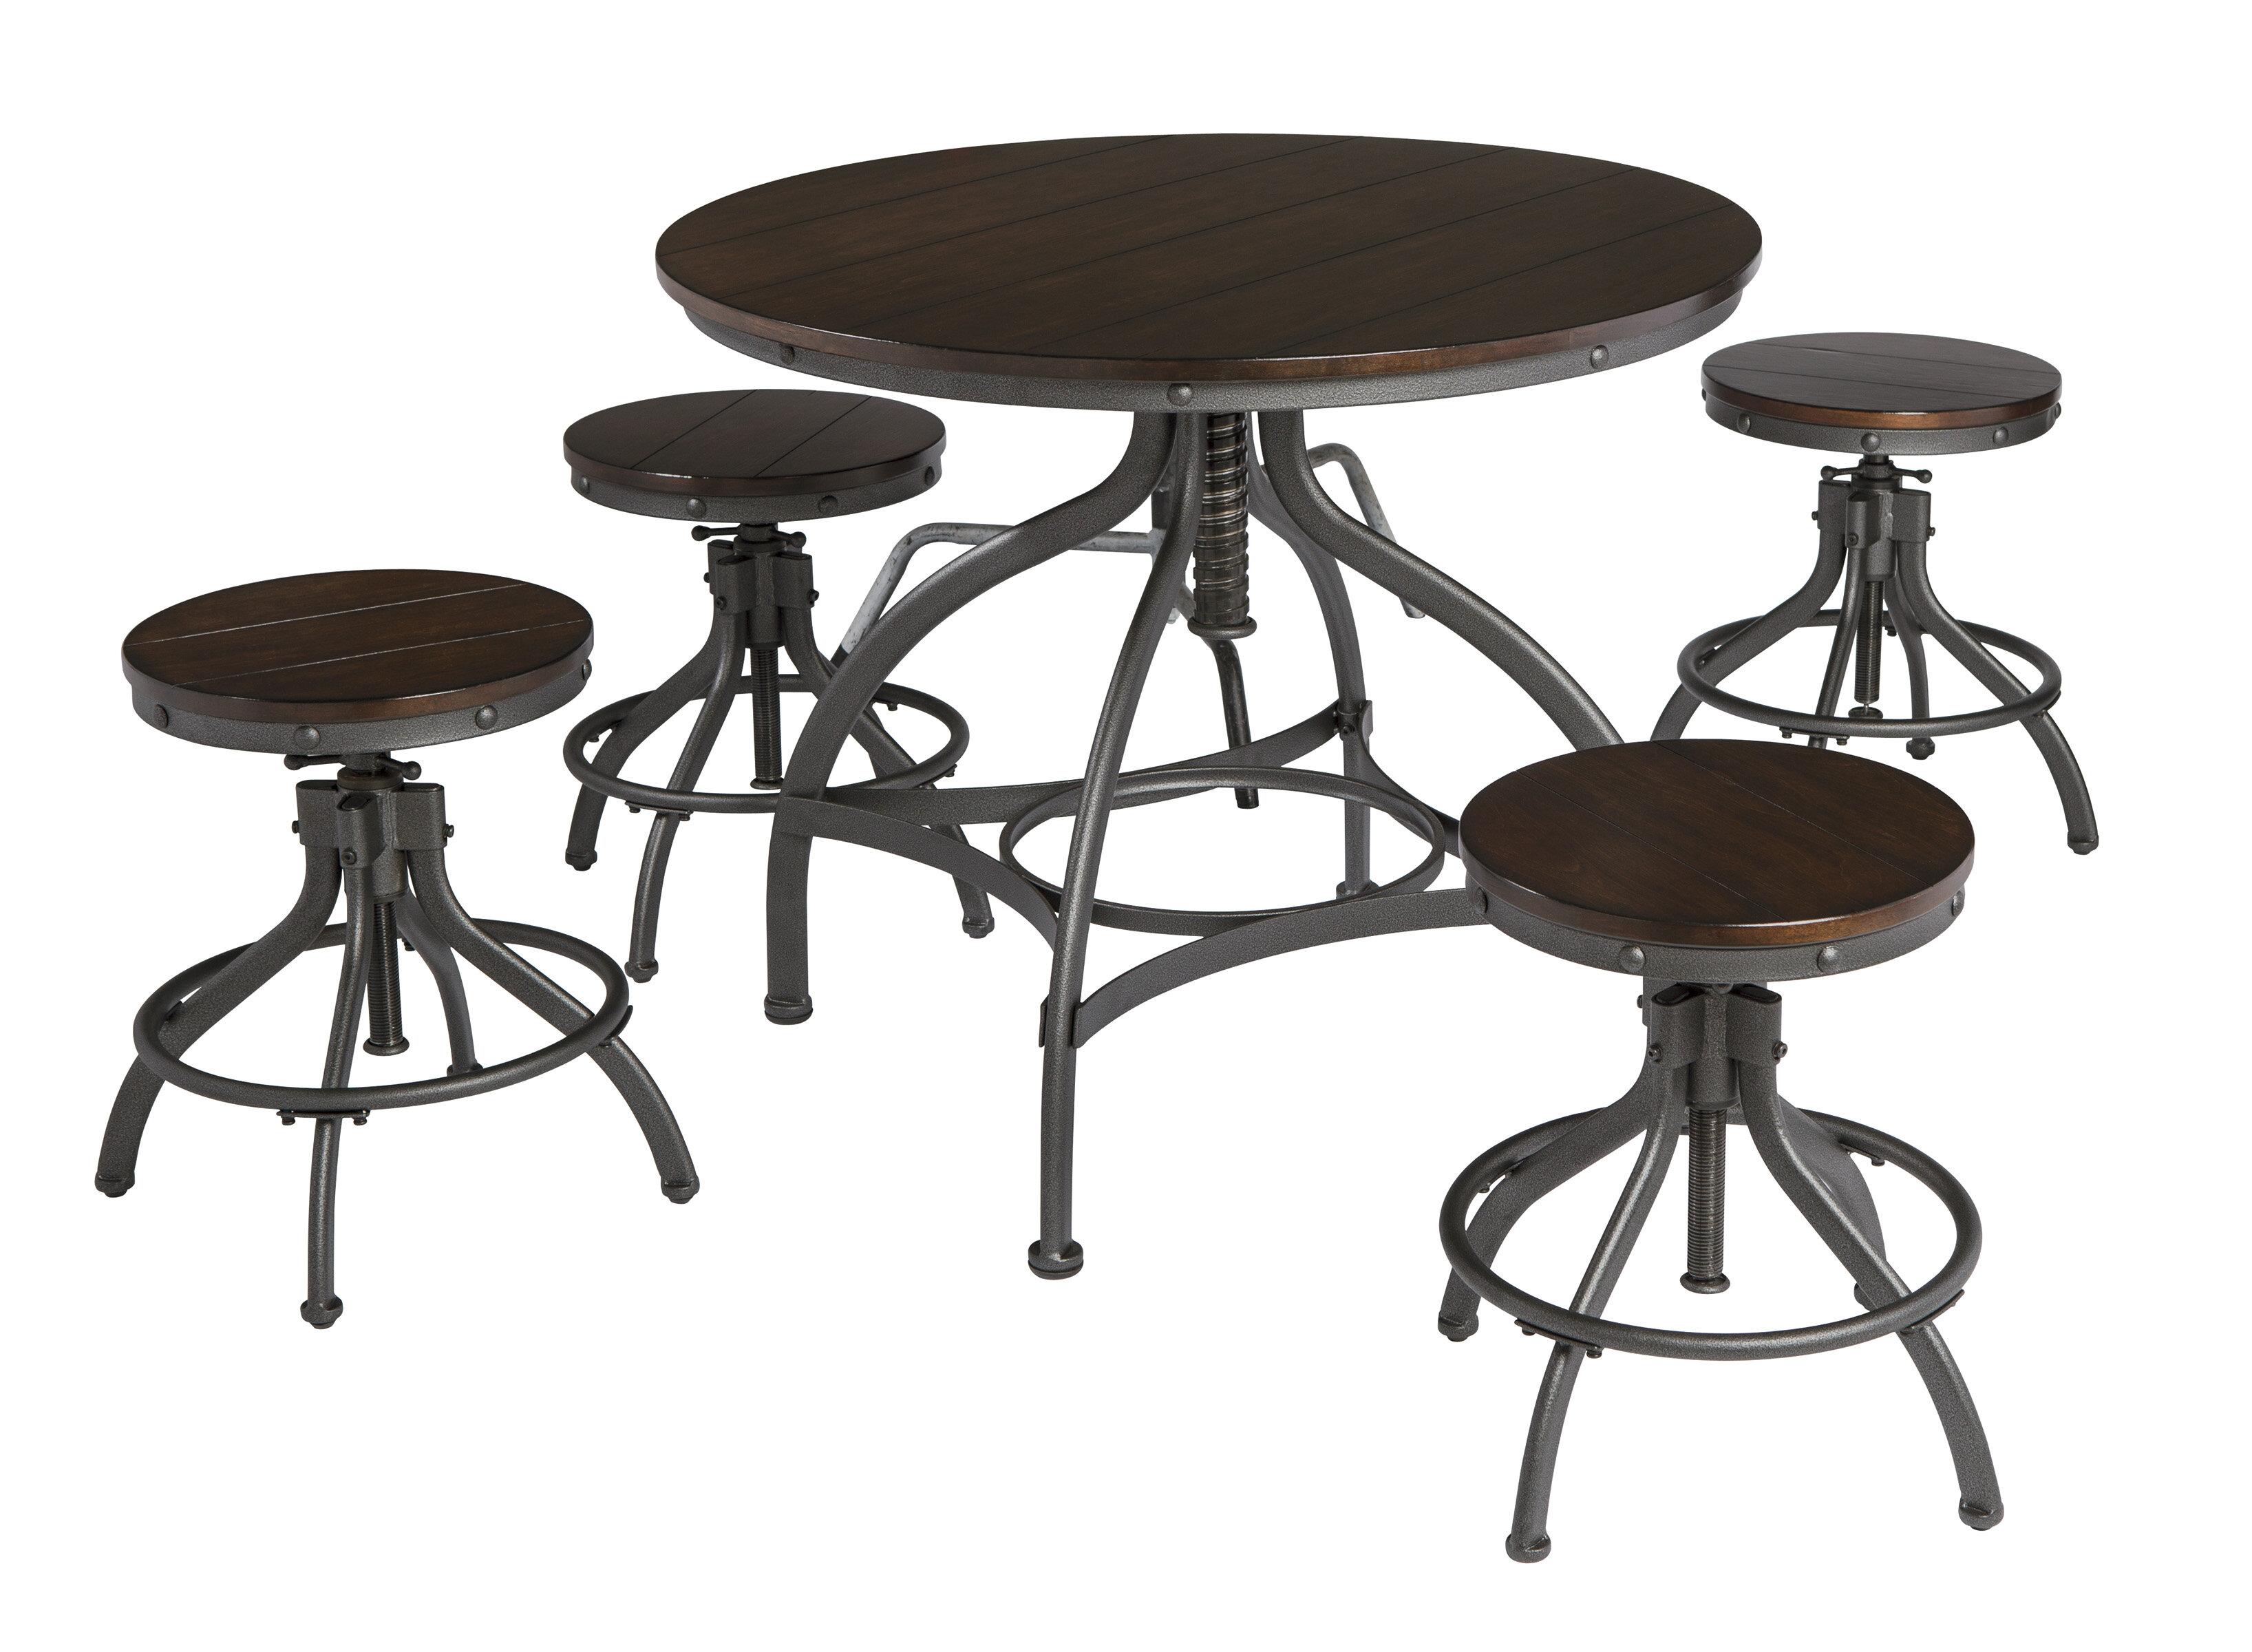 Trent Austin Design Yvette 5 Piece Counter Height Dining Set u0026 Reviews | Wayfair  sc 1 st  Wayfair & Trent Austin Design Yvette 5 Piece Counter Height Dining Set ...